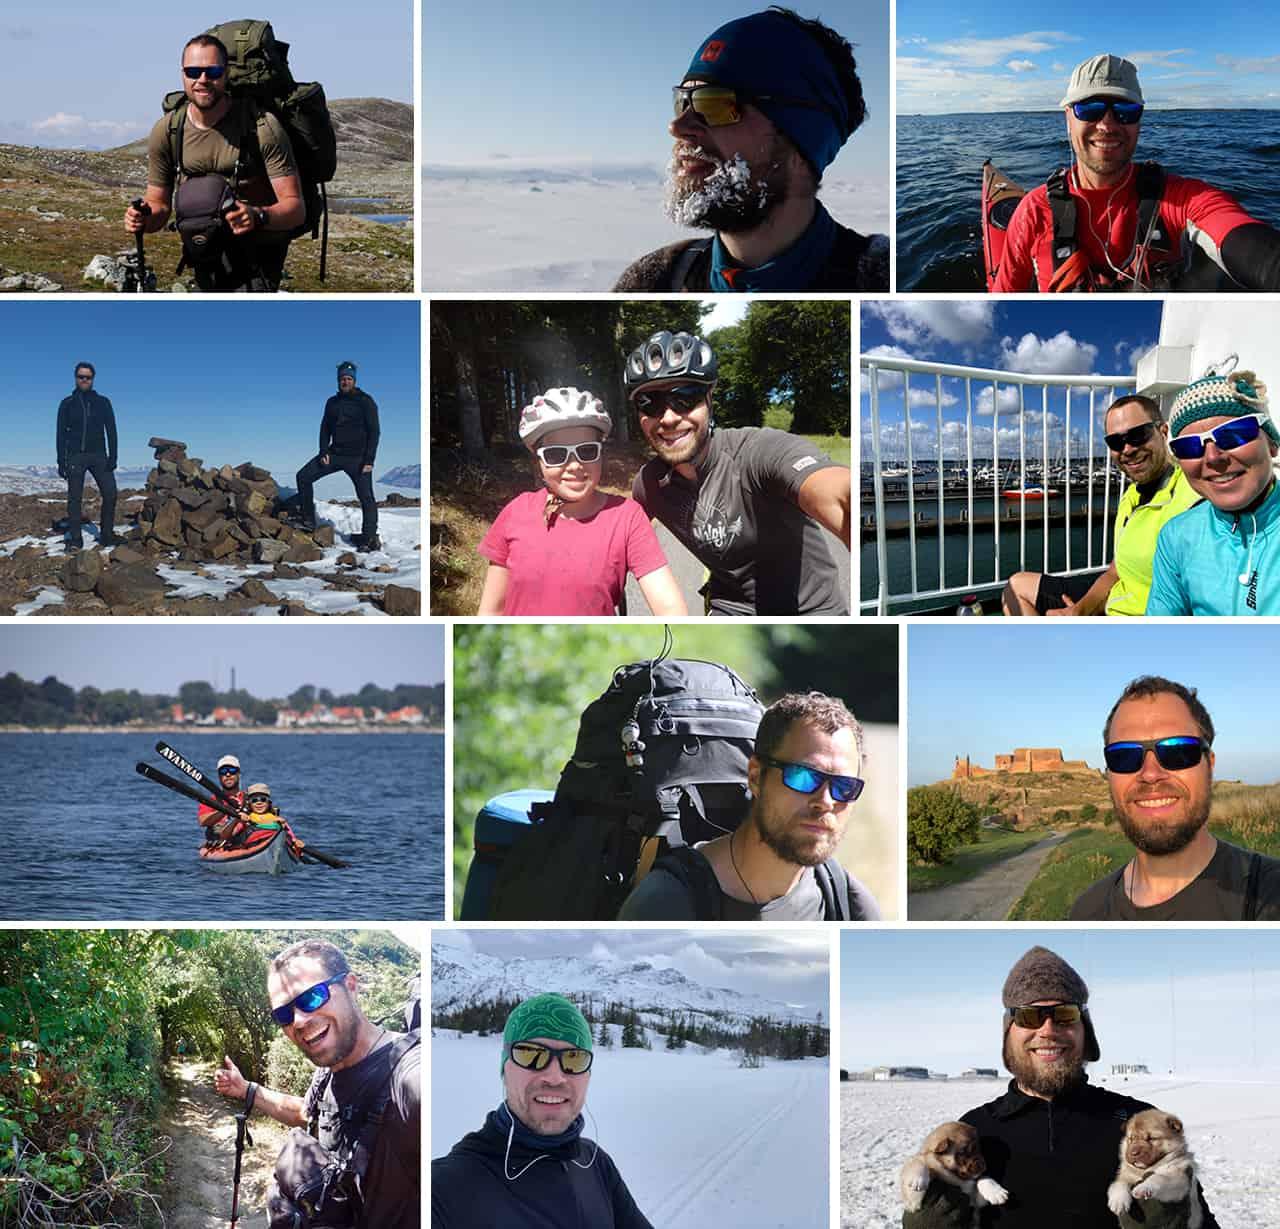 Collage af billeder fra ture og ekspeditioner med Erik B. Jørgensen hvor han bruger solbriller, til indlægget Valg af solbriller, Wiley X af Erik B. Jørgensen